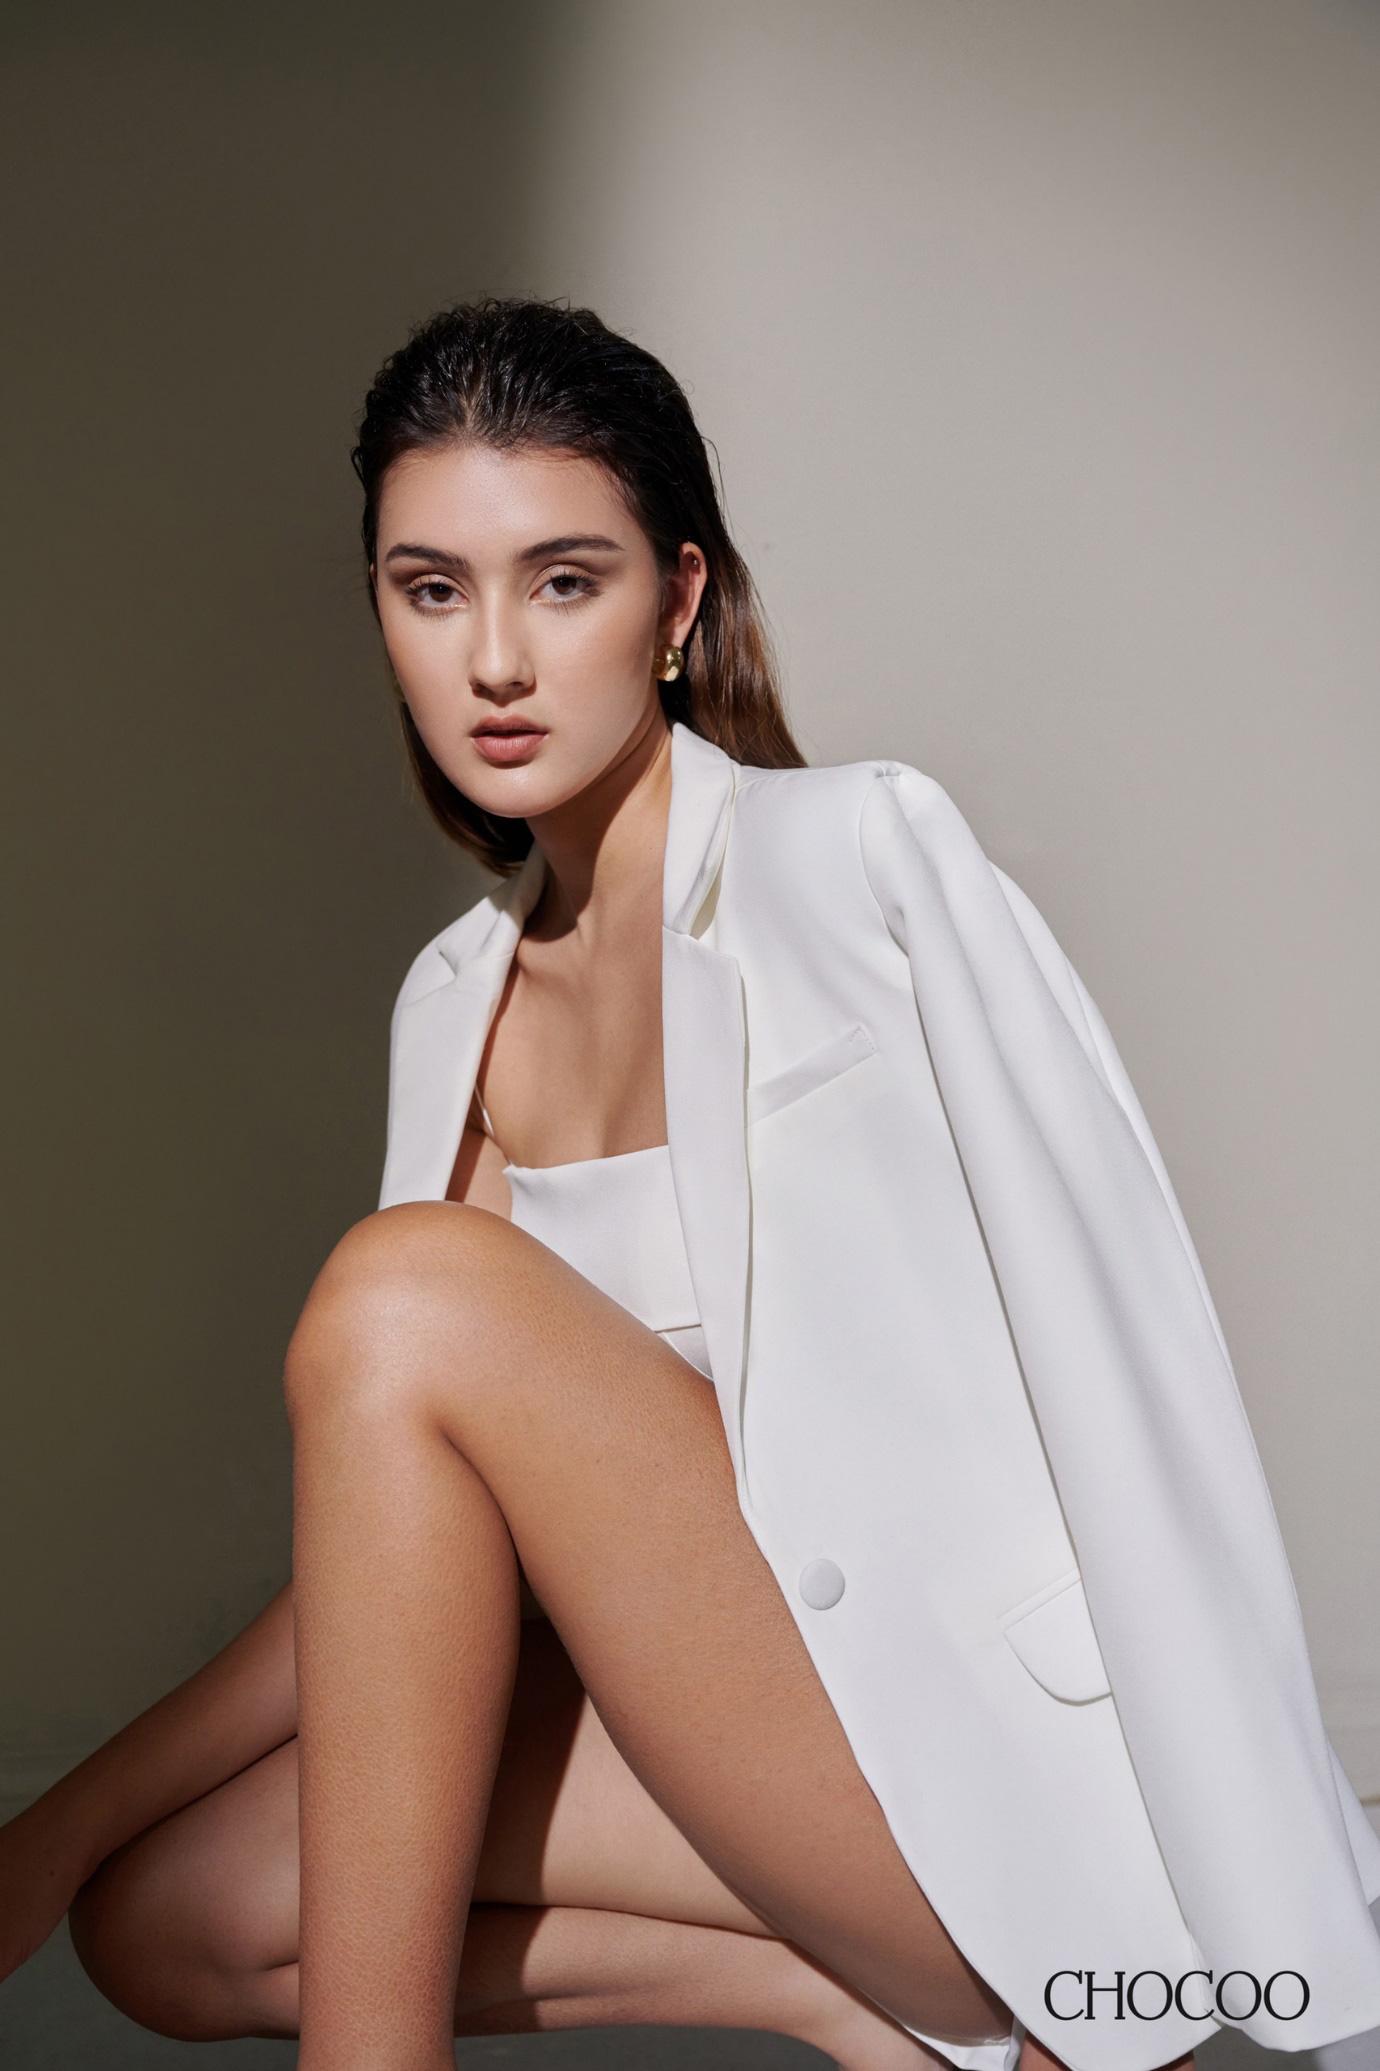 Brand thời trang nữ mang đậm chất riêng CHOCOO: Phong cách mới lạ, kiểu dáng độc đáo, hội chị em chắc chắn sẽ phát mê - Ảnh 2.